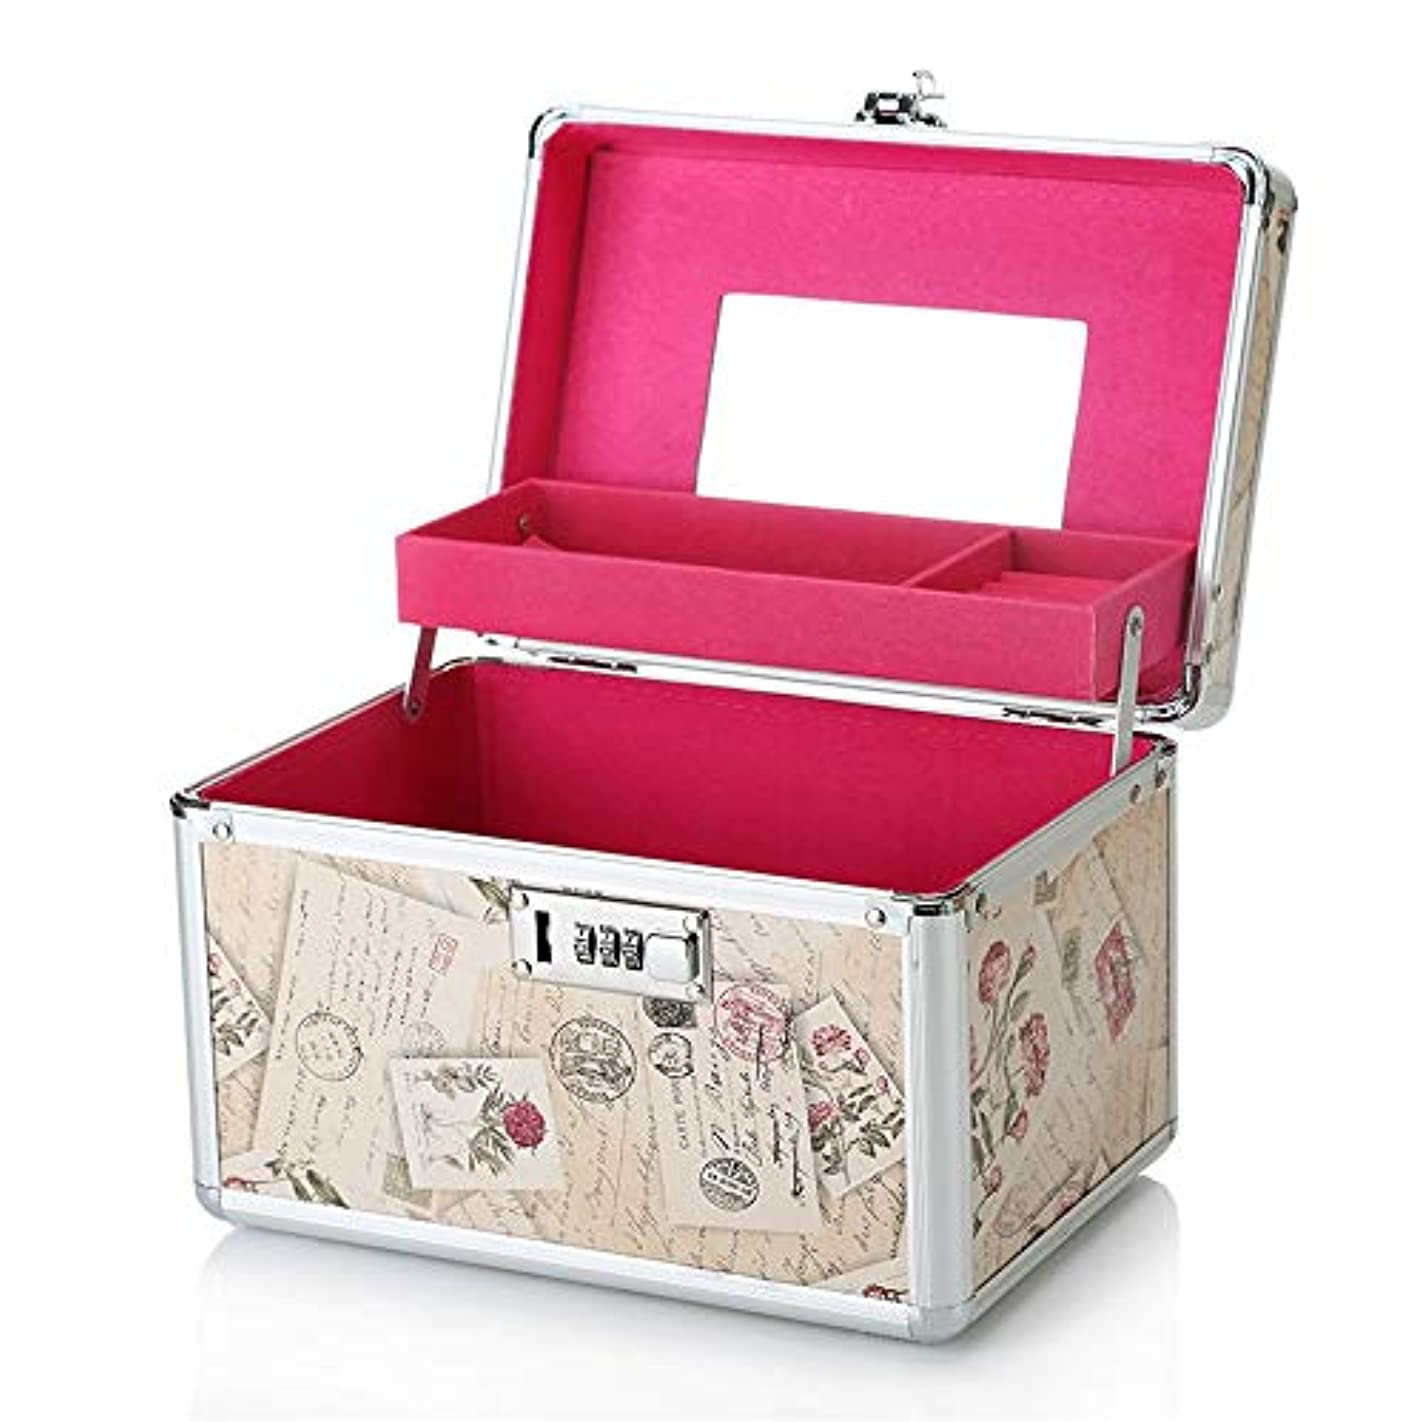 師匠耐えるボイコット化粧オーガナイザーバッグ 旅行のメイクアップバッグメイク化粧品バッグトイレタリー化粧ケース 化粧品ケース